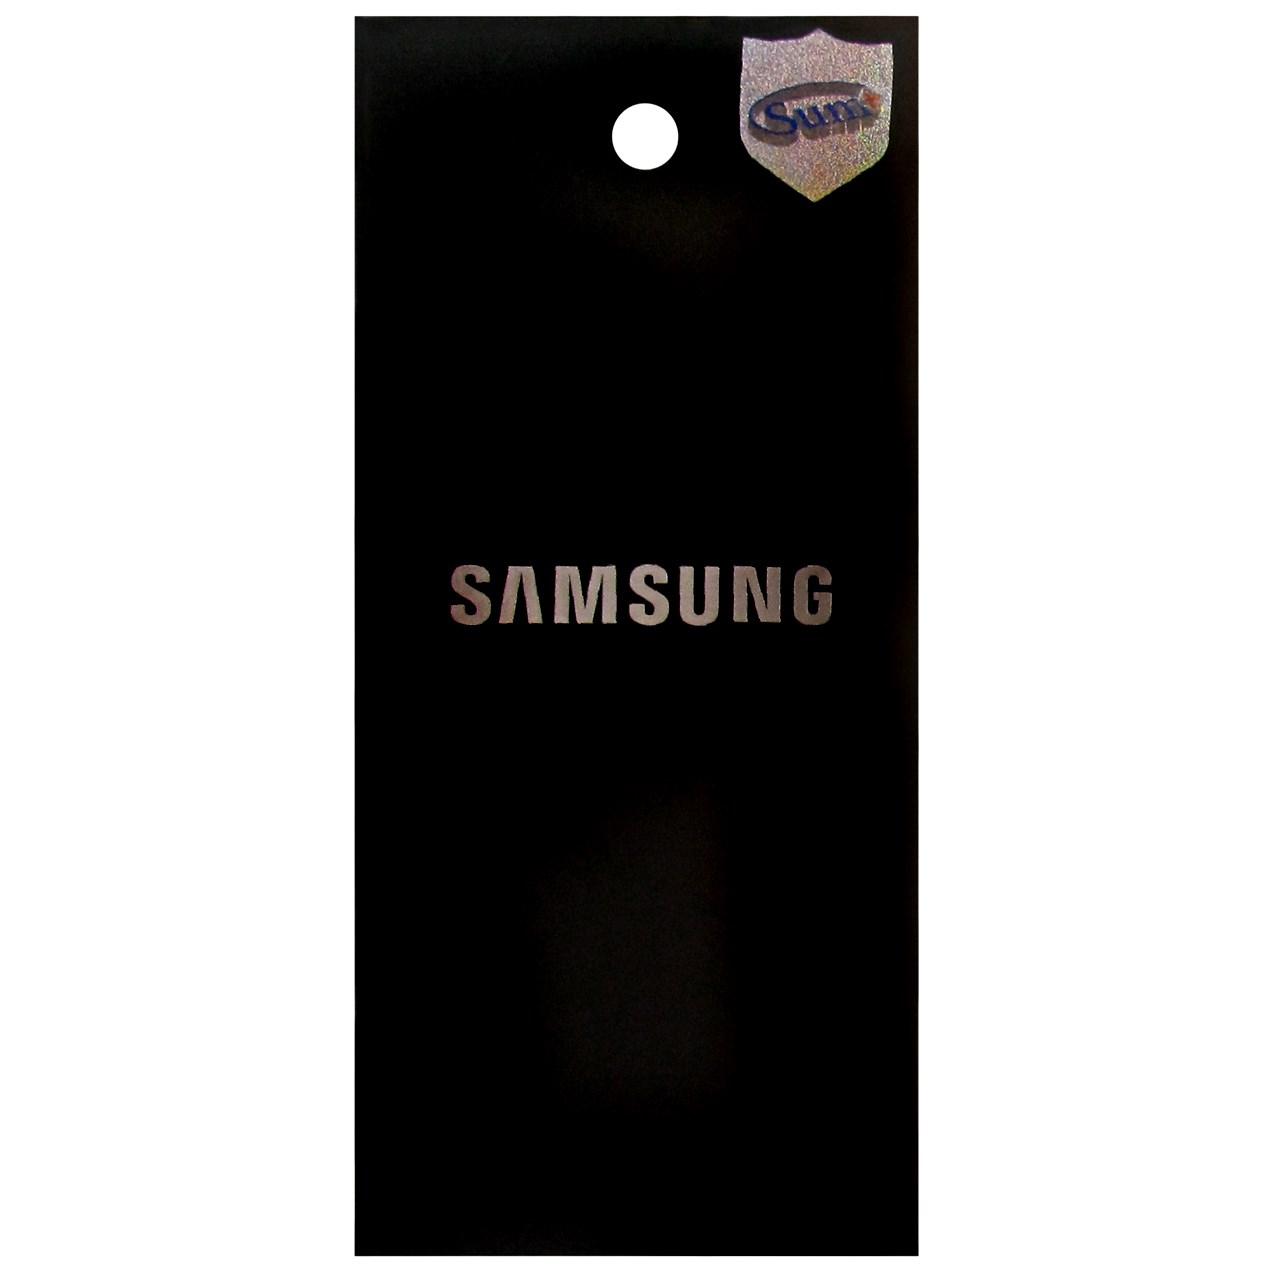 محافظ صفحه نمایش گوشی مدل Normal مناسب برای گوشی موبایل سامسونگ گلکسی J5 Prime